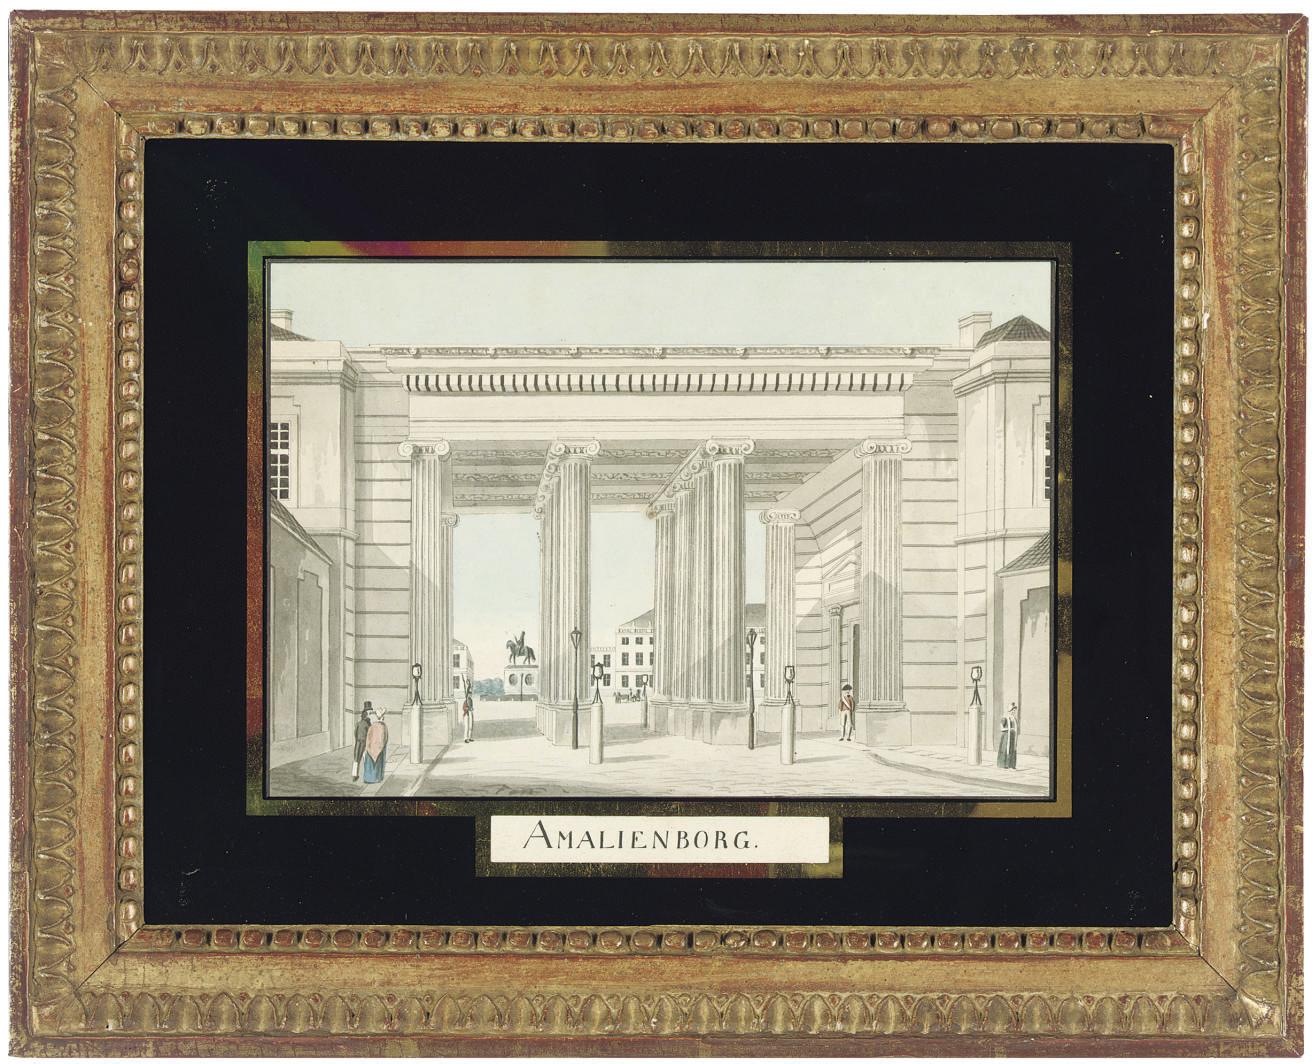 DANISH SCHOOL, CIRCA 1830